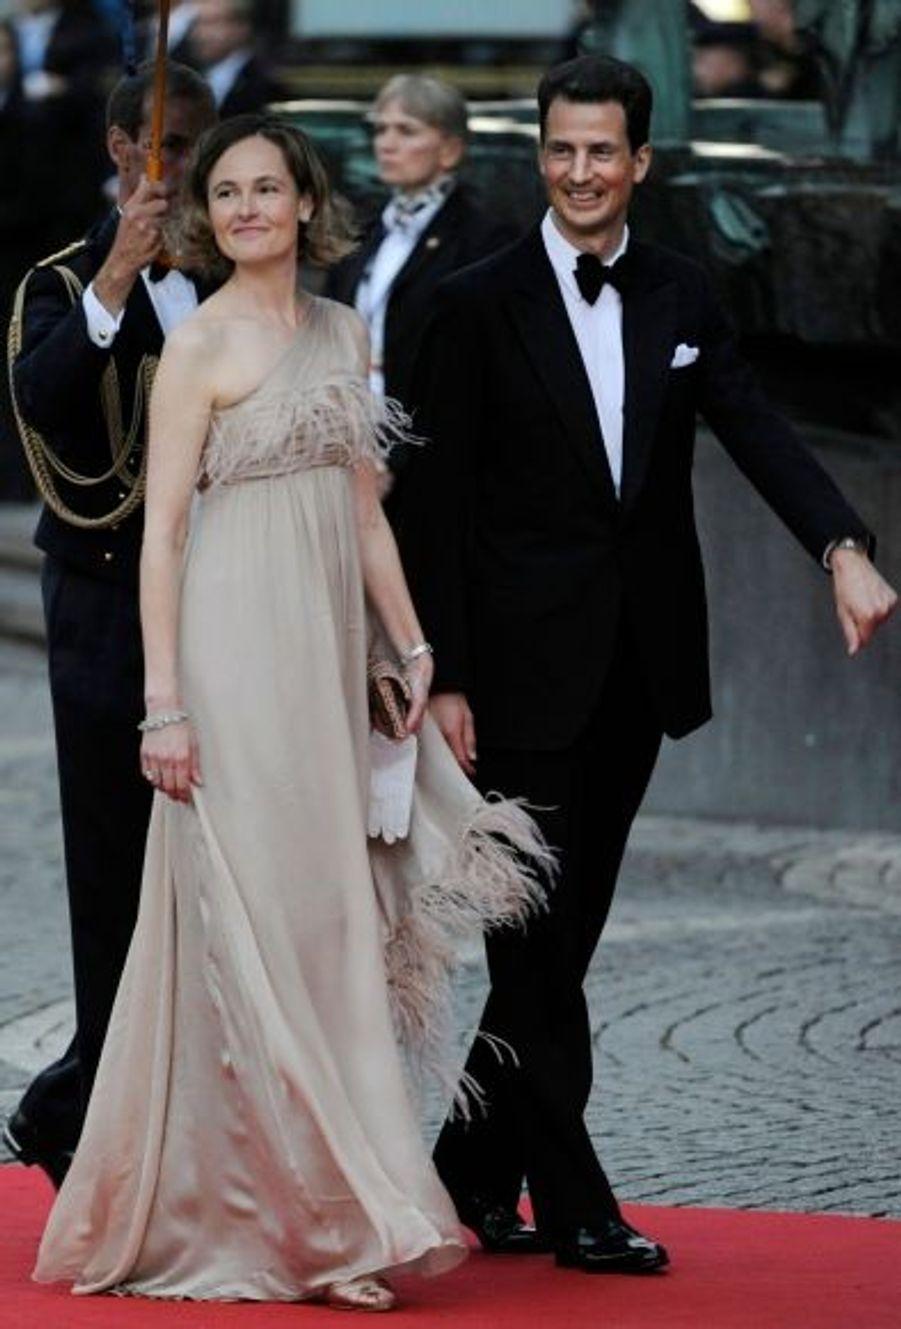 Le Prince Alois et la Princesse Sophie du Liechtenstein